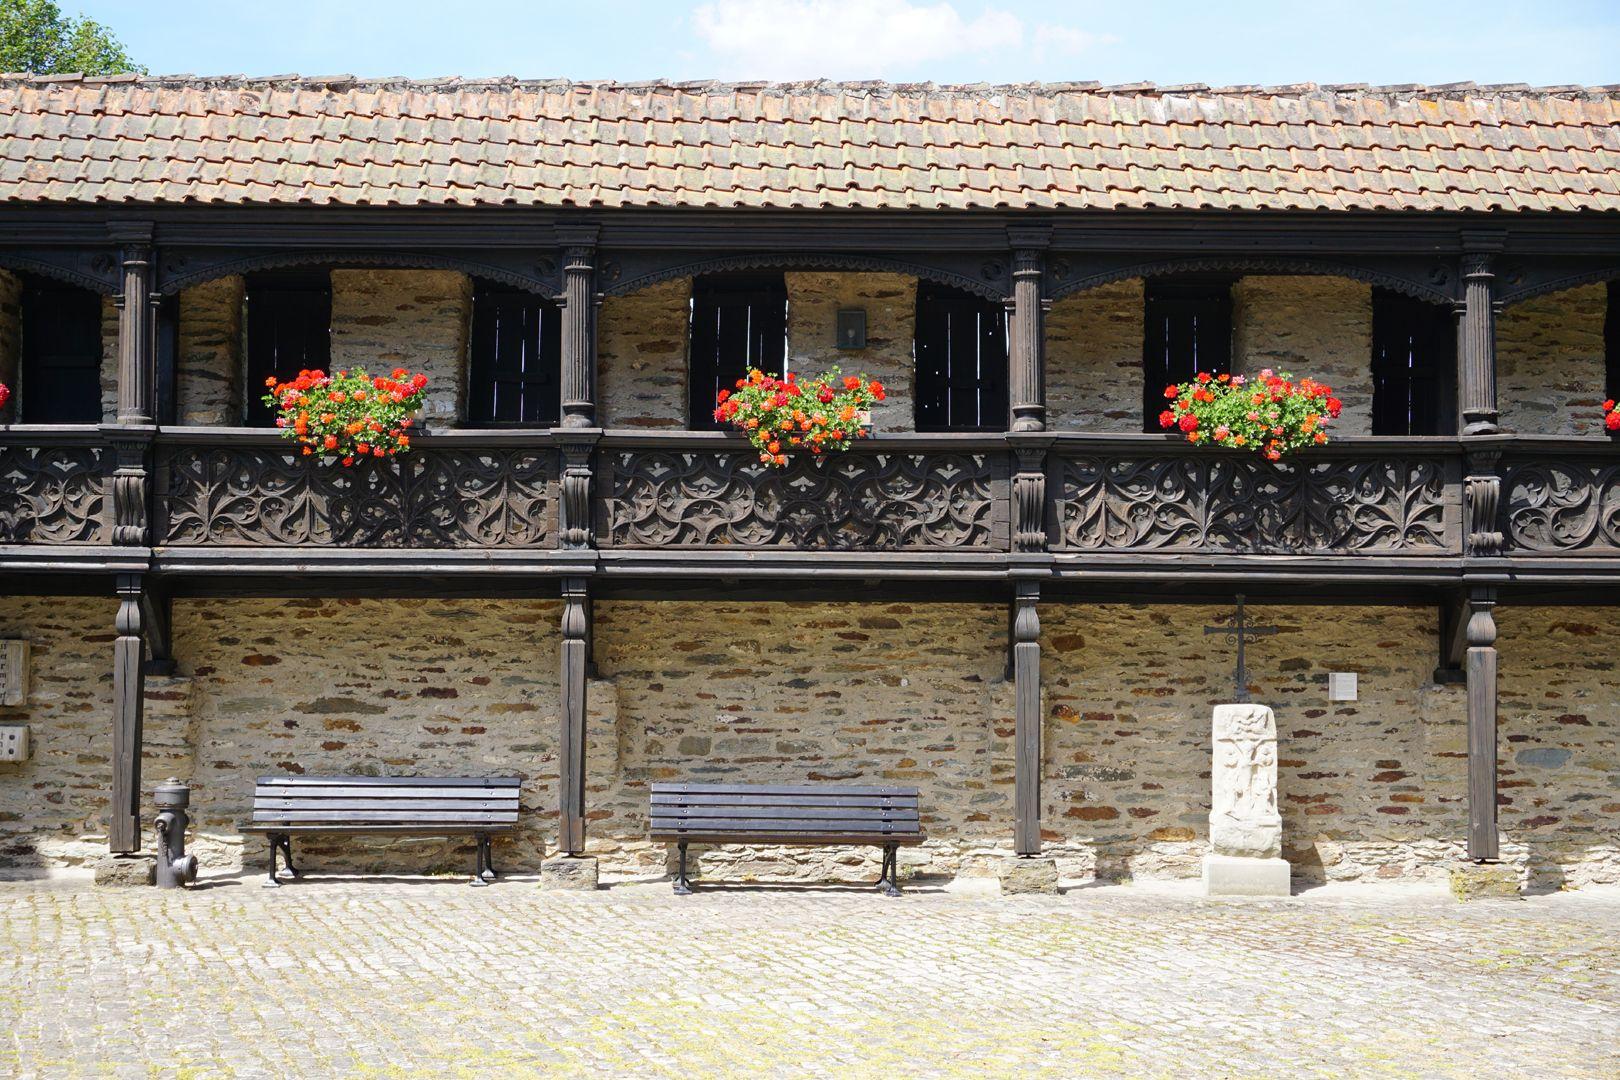 Nachgotische Holzgalerie aus Nürnberg Frontalansicht der Holzgalerien, jede Brüstung mit eigenem Muster.